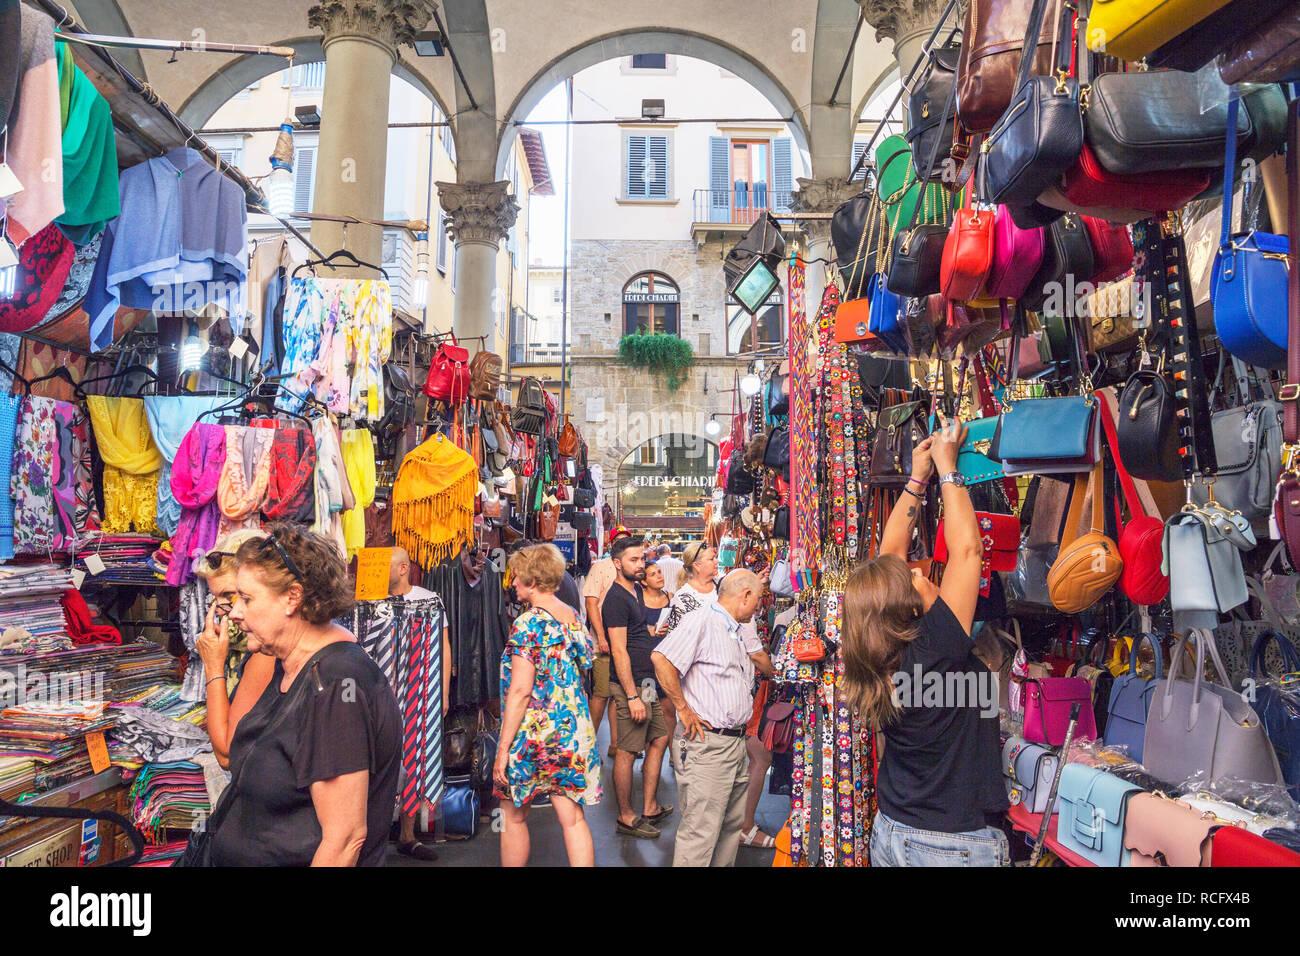 Mercato Nuovo, Florence, Tuscany, Italy, Europe - Stock Image